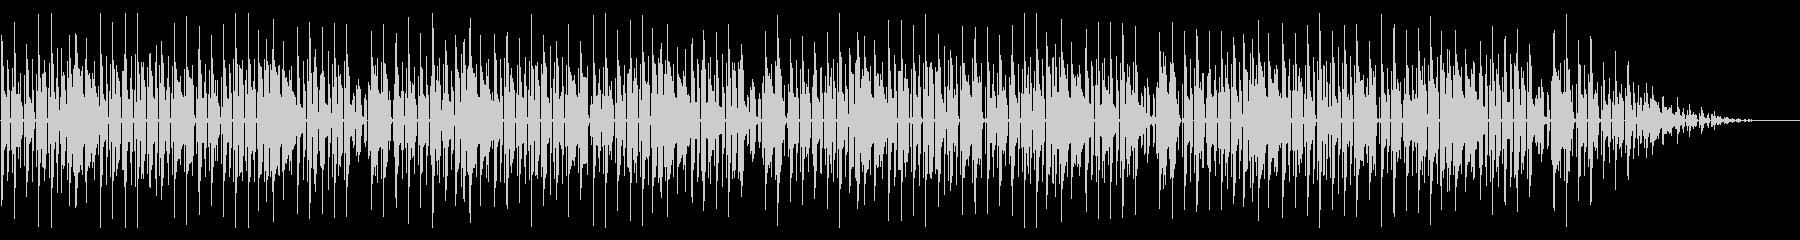 面白映像「カルメン前奏曲」脱力系アレンジの未再生の波形